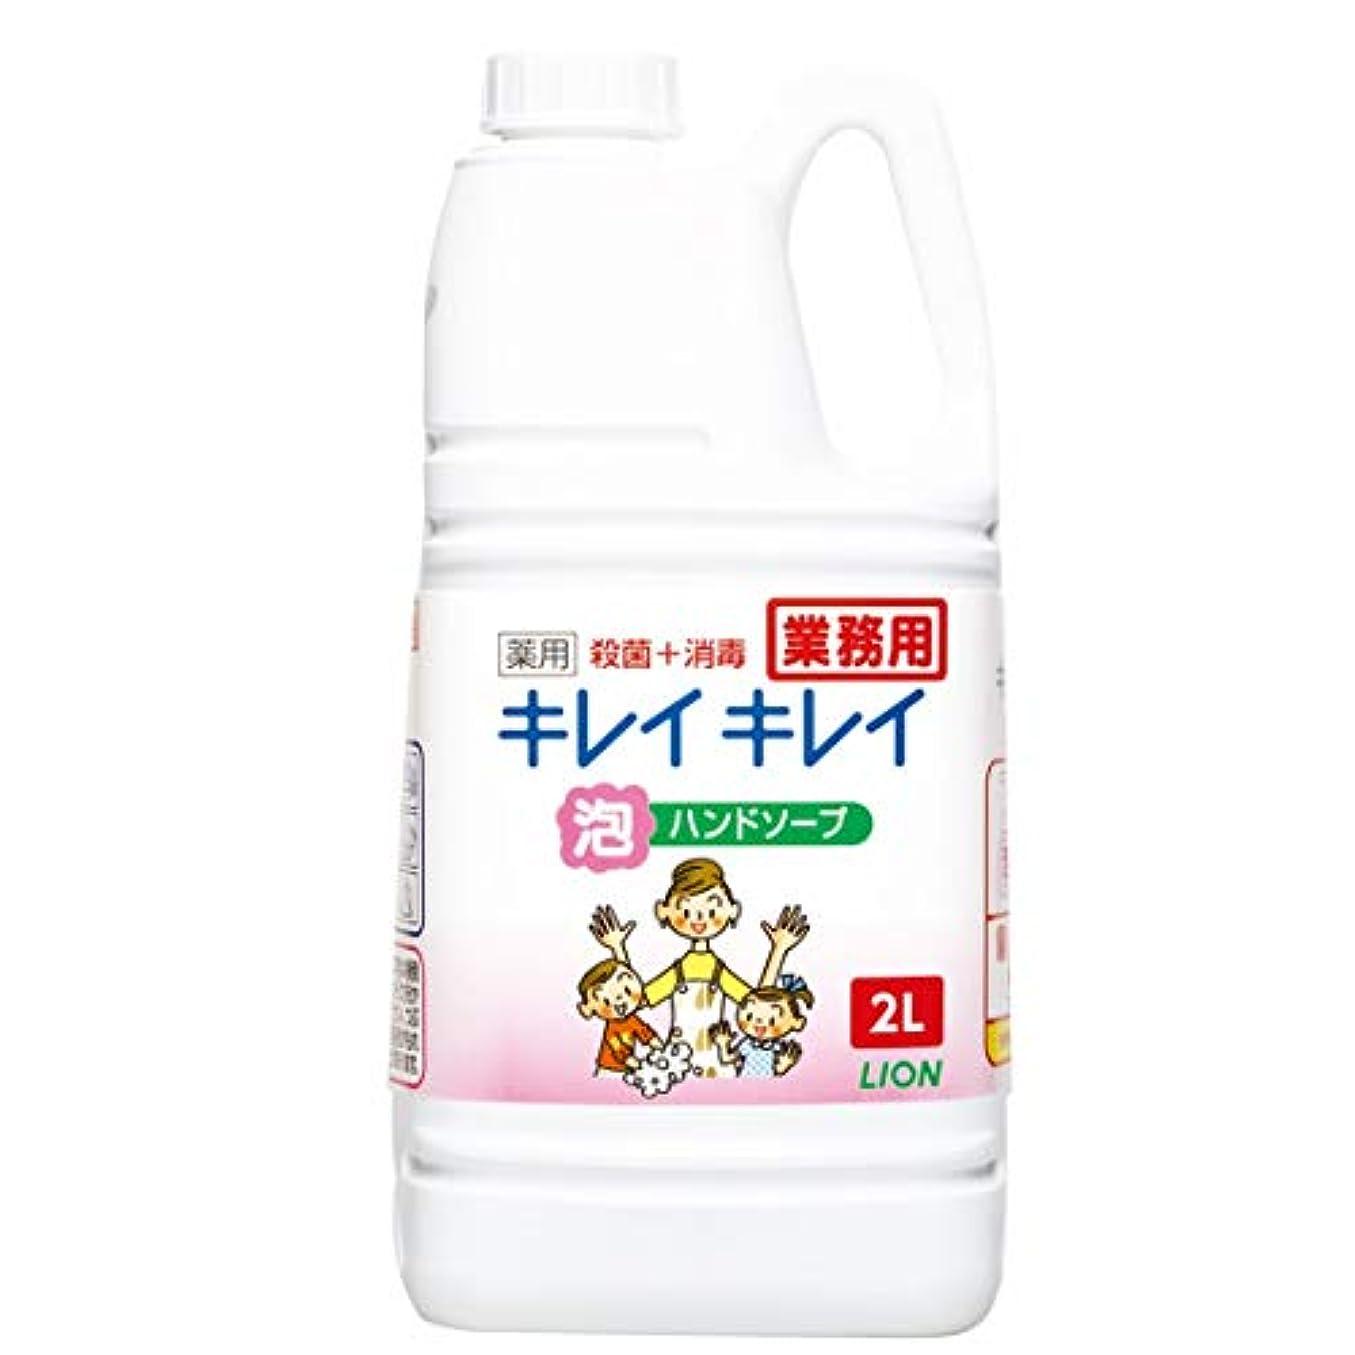 コマース馬鹿任命【業務用 大容量】キレイキレイ 薬用 泡ハンドソープ シトラスフルーティの香り 2L(医薬部外品)